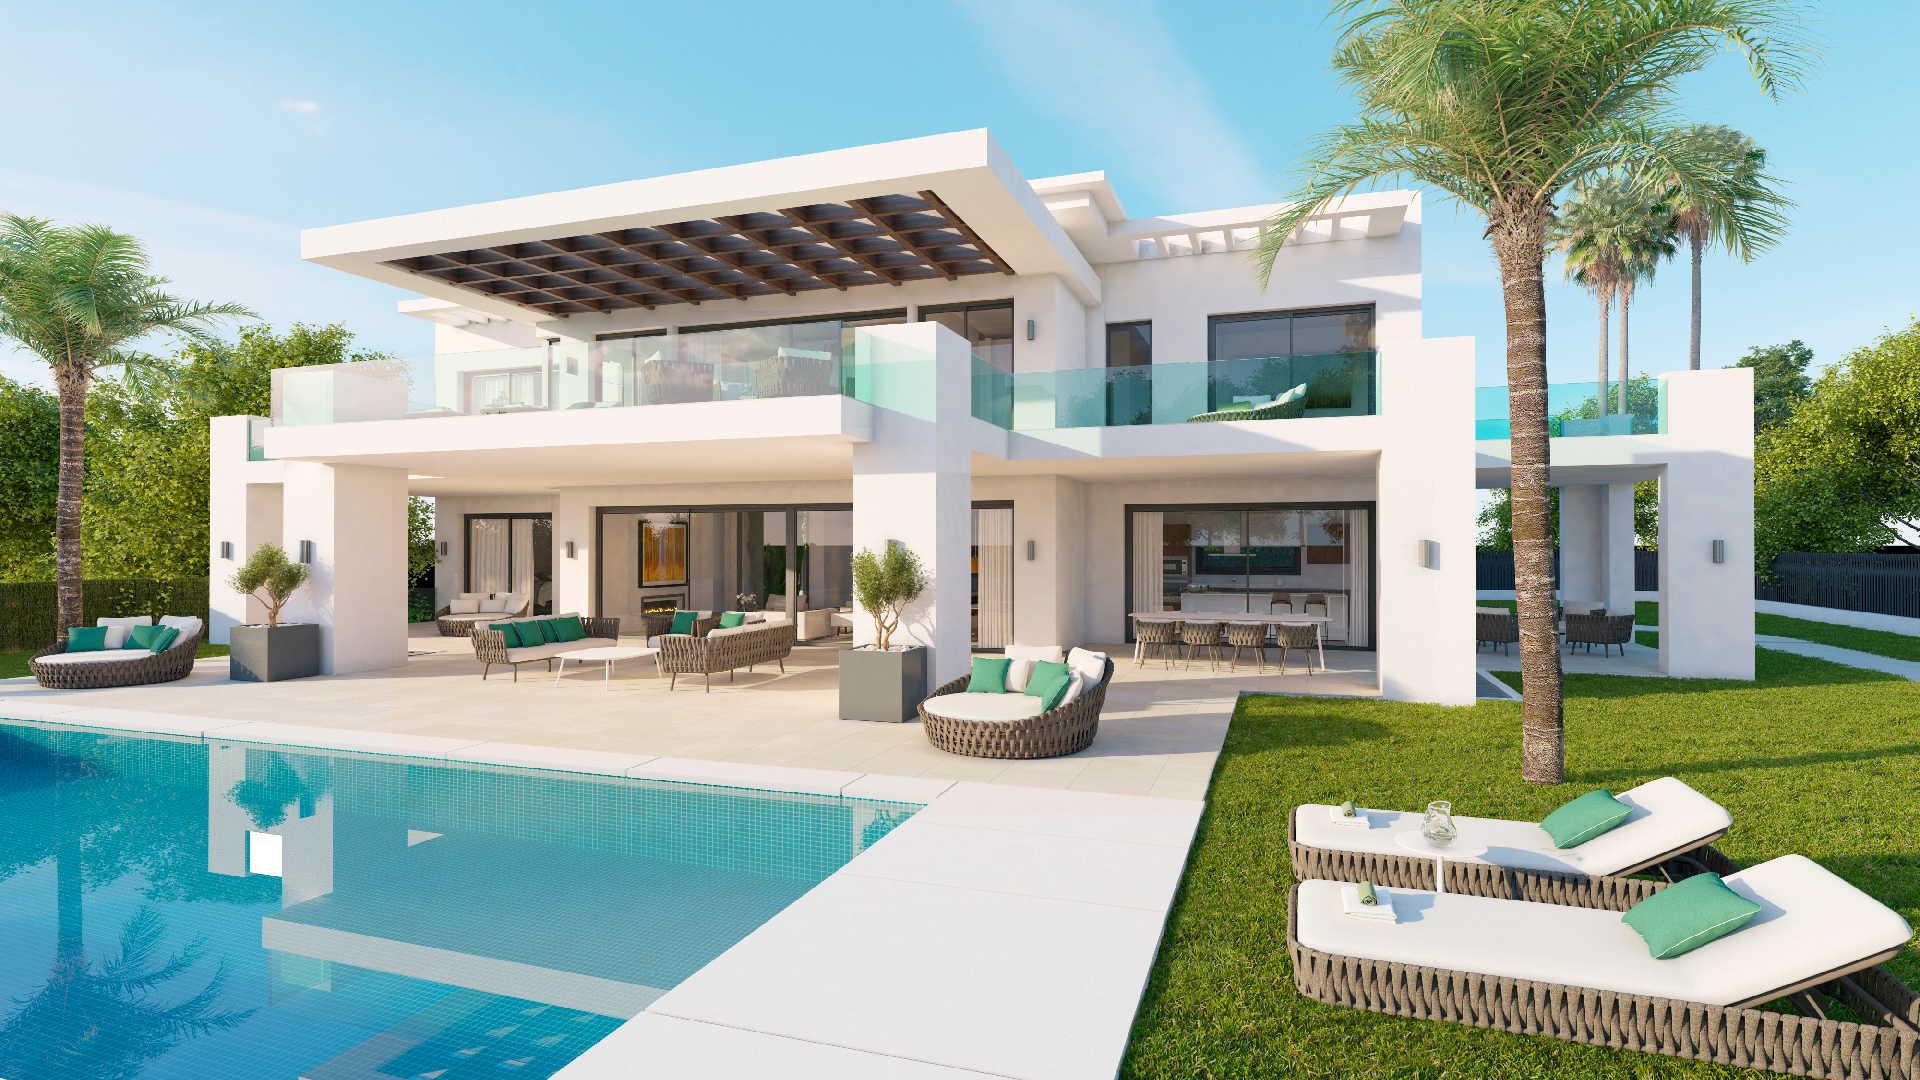 New modern villa in Los Olivos Nueva Andalucia residential area in Marbella